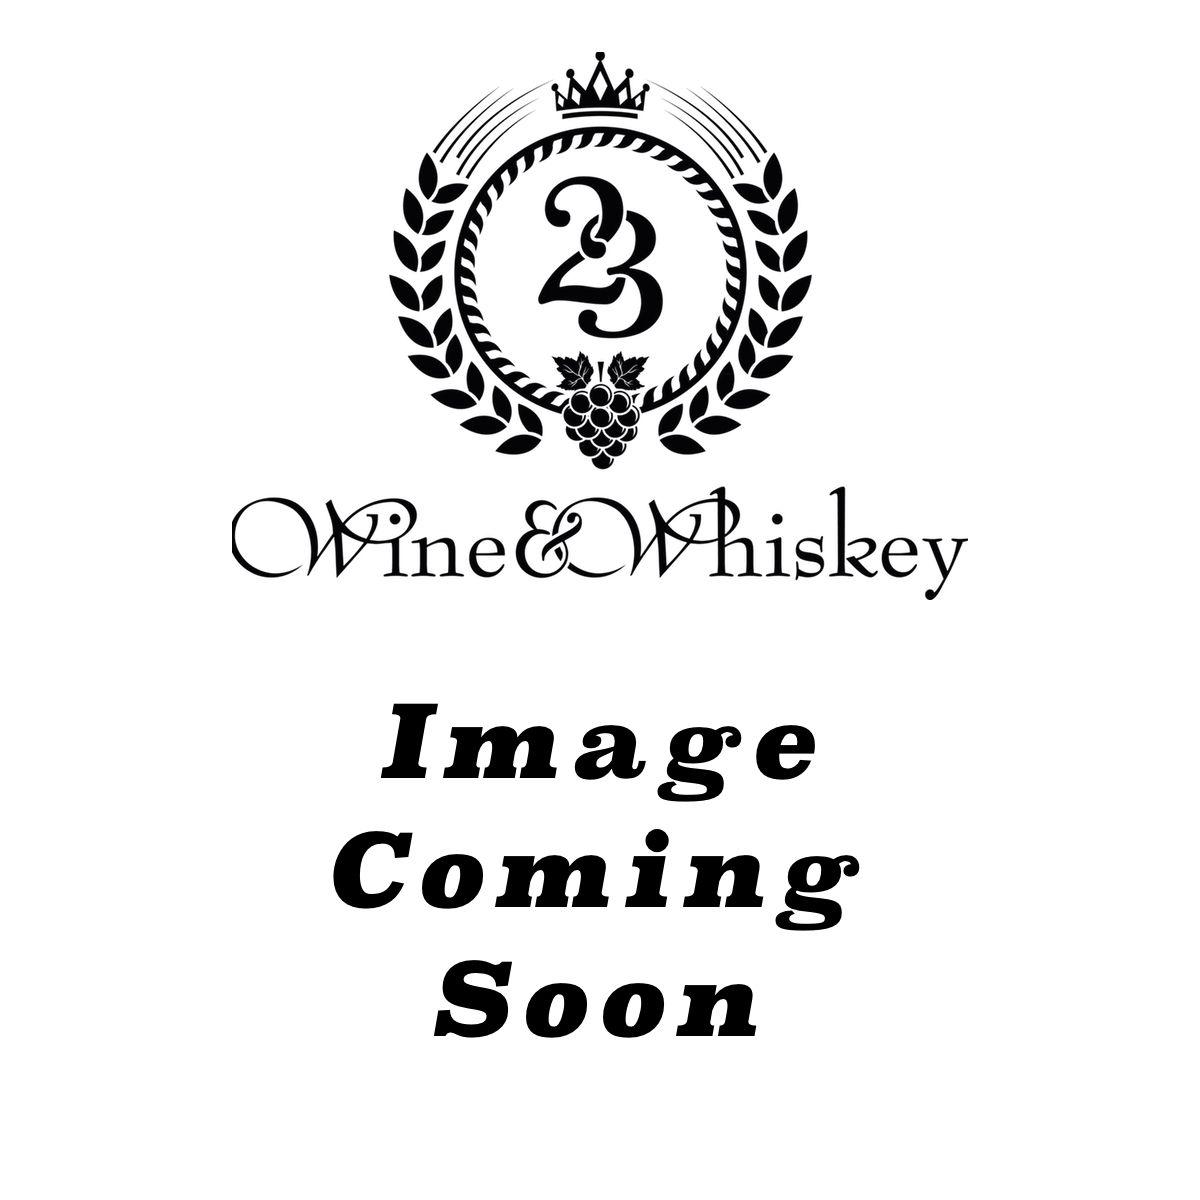 Benromach 2008 Cask Strength Batch 1 Single Malt Whisky 57.9% 70CL